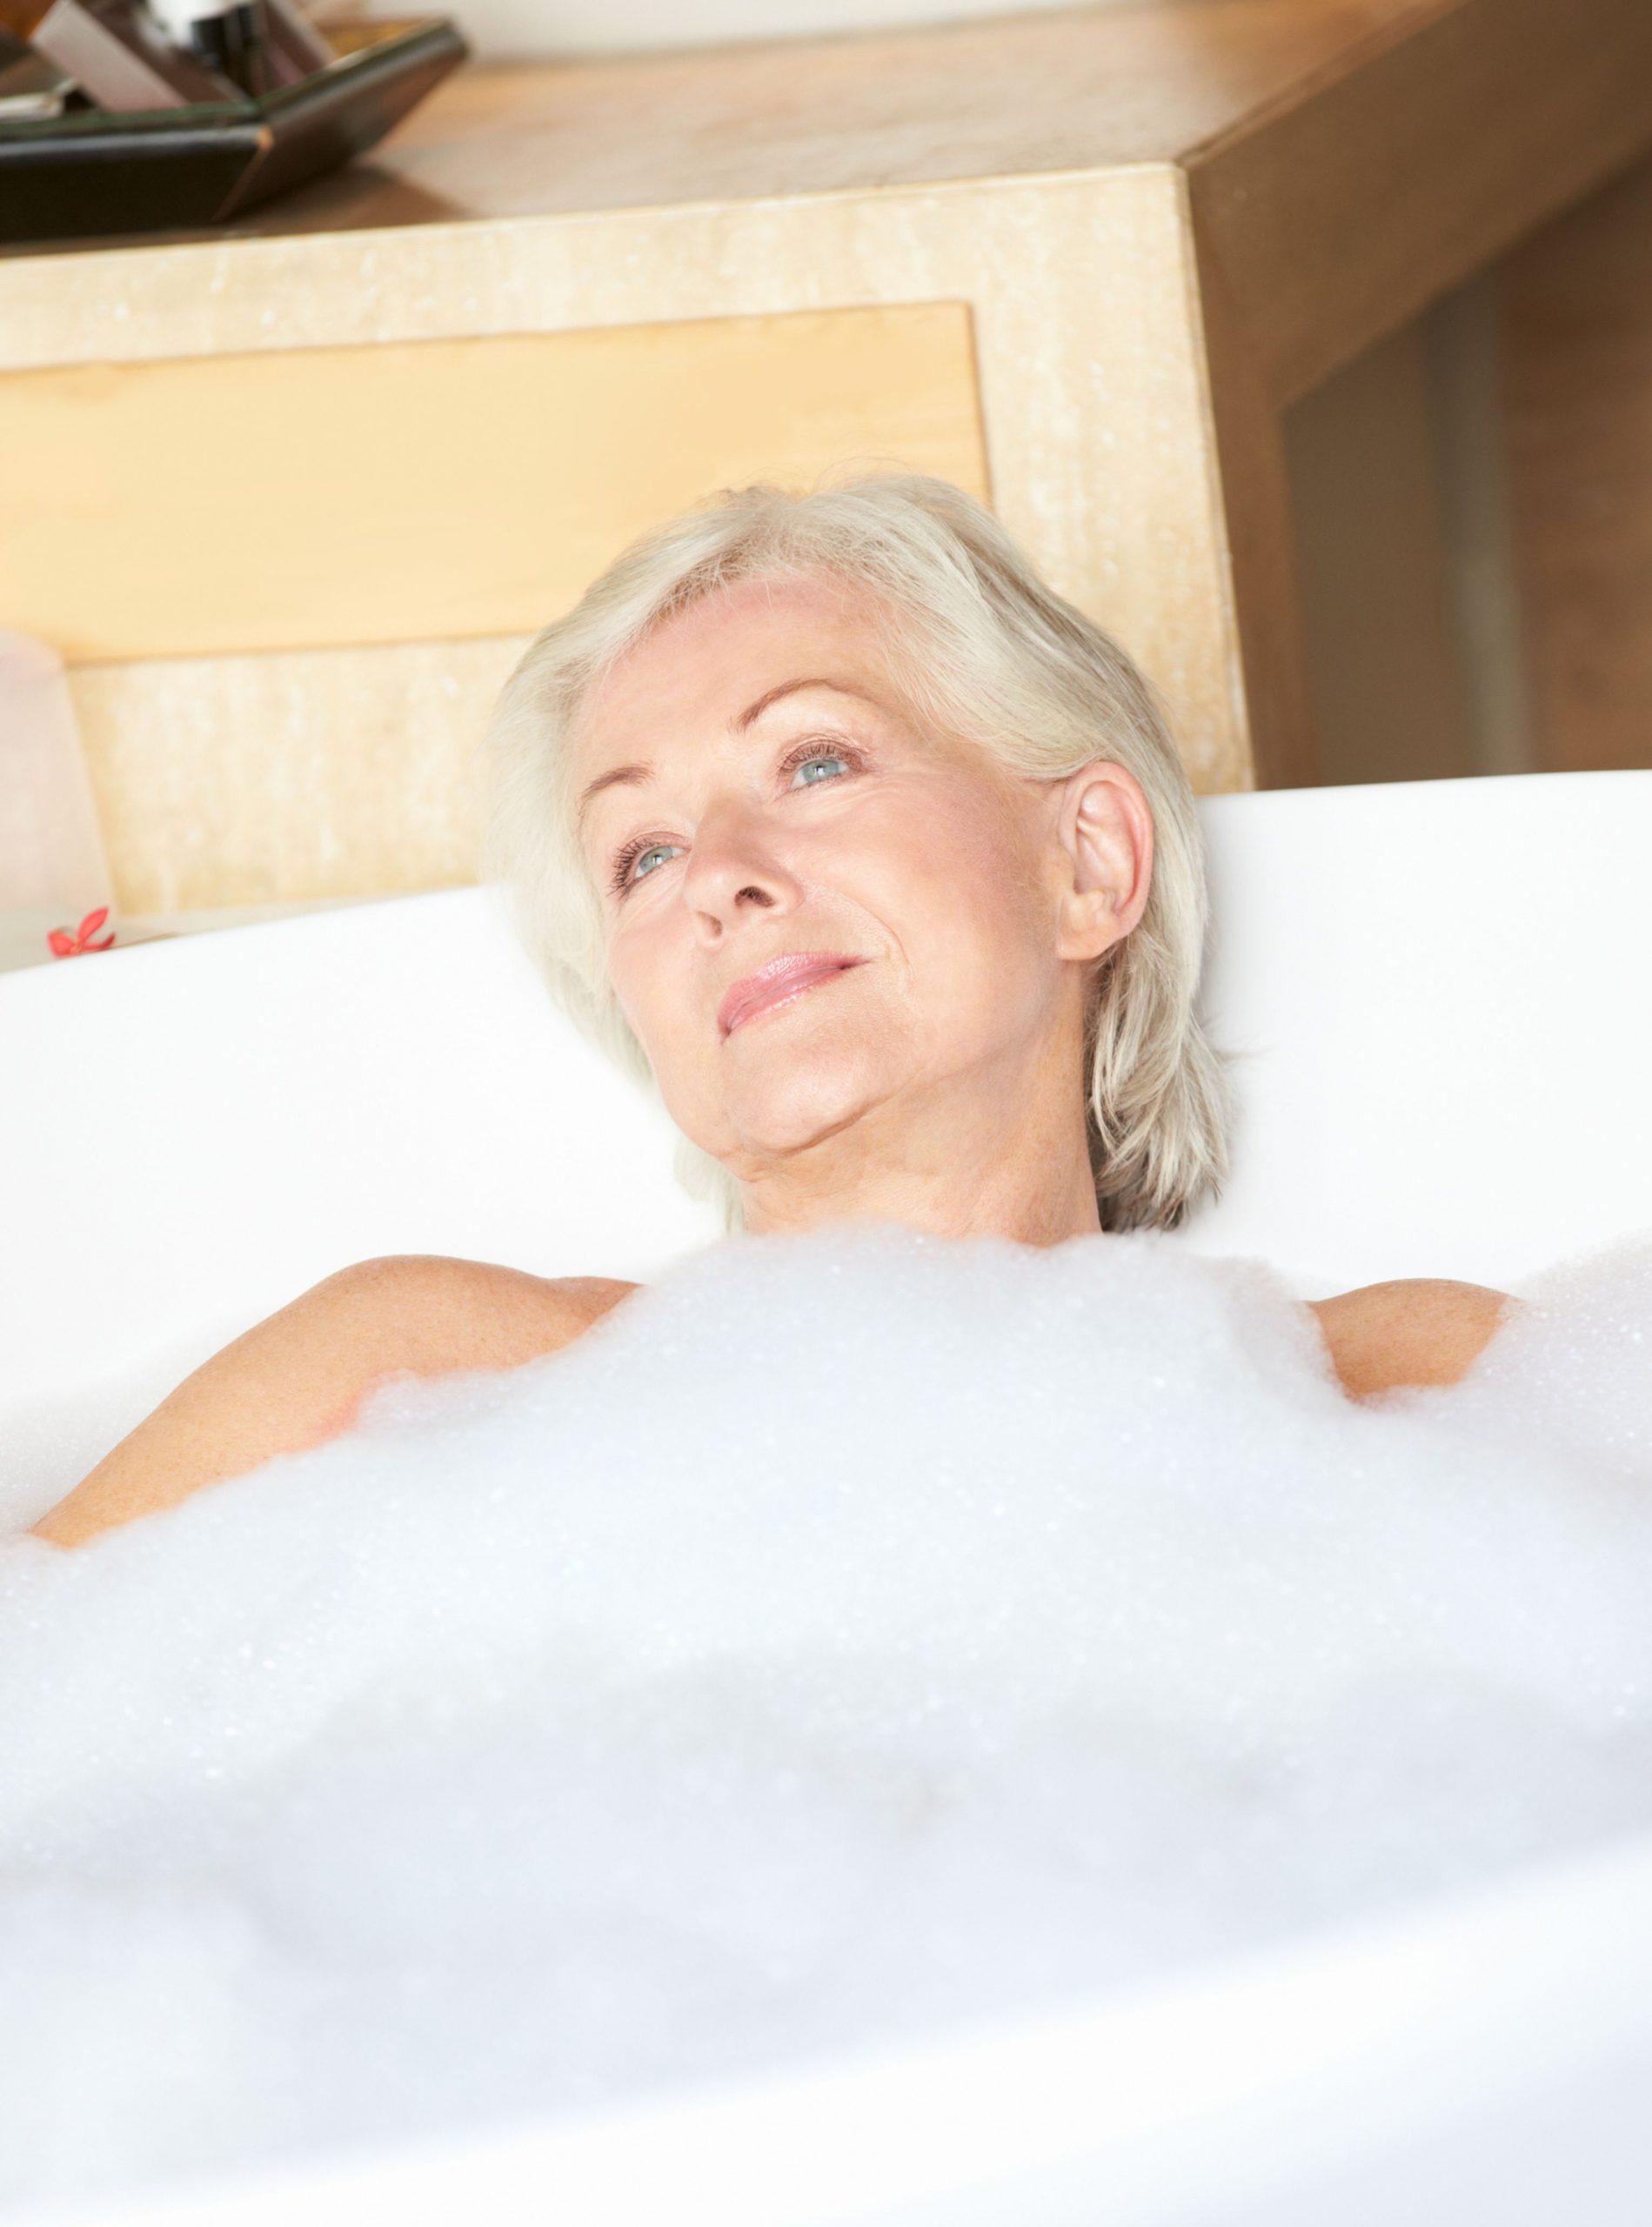 Woman relaxing in bath